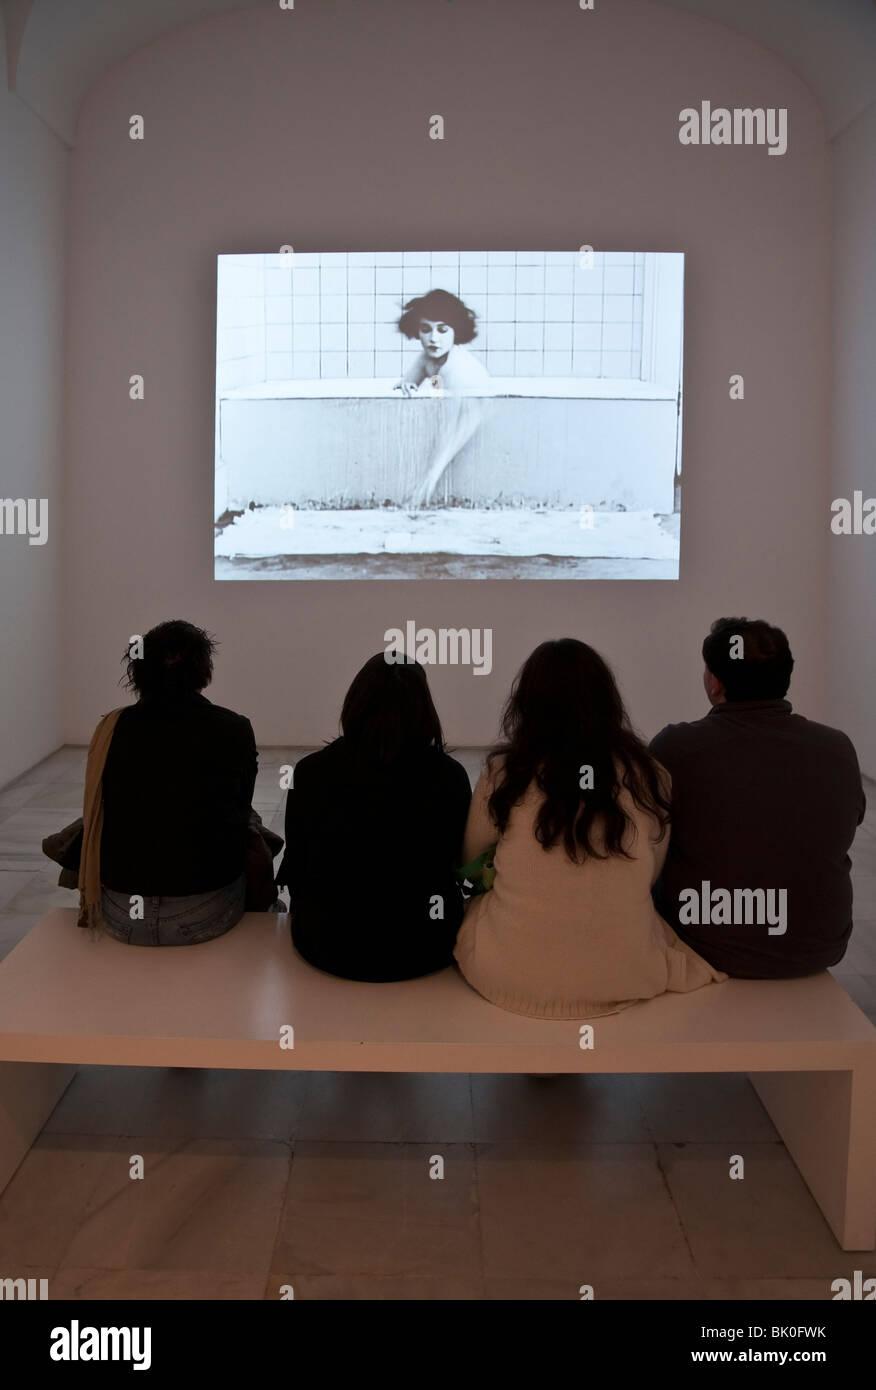 Ai visitatori la visione di un Buster Keaton filmato nel Centro de Arte Reina Sofia, Madrid, Spagna Immagini Stock